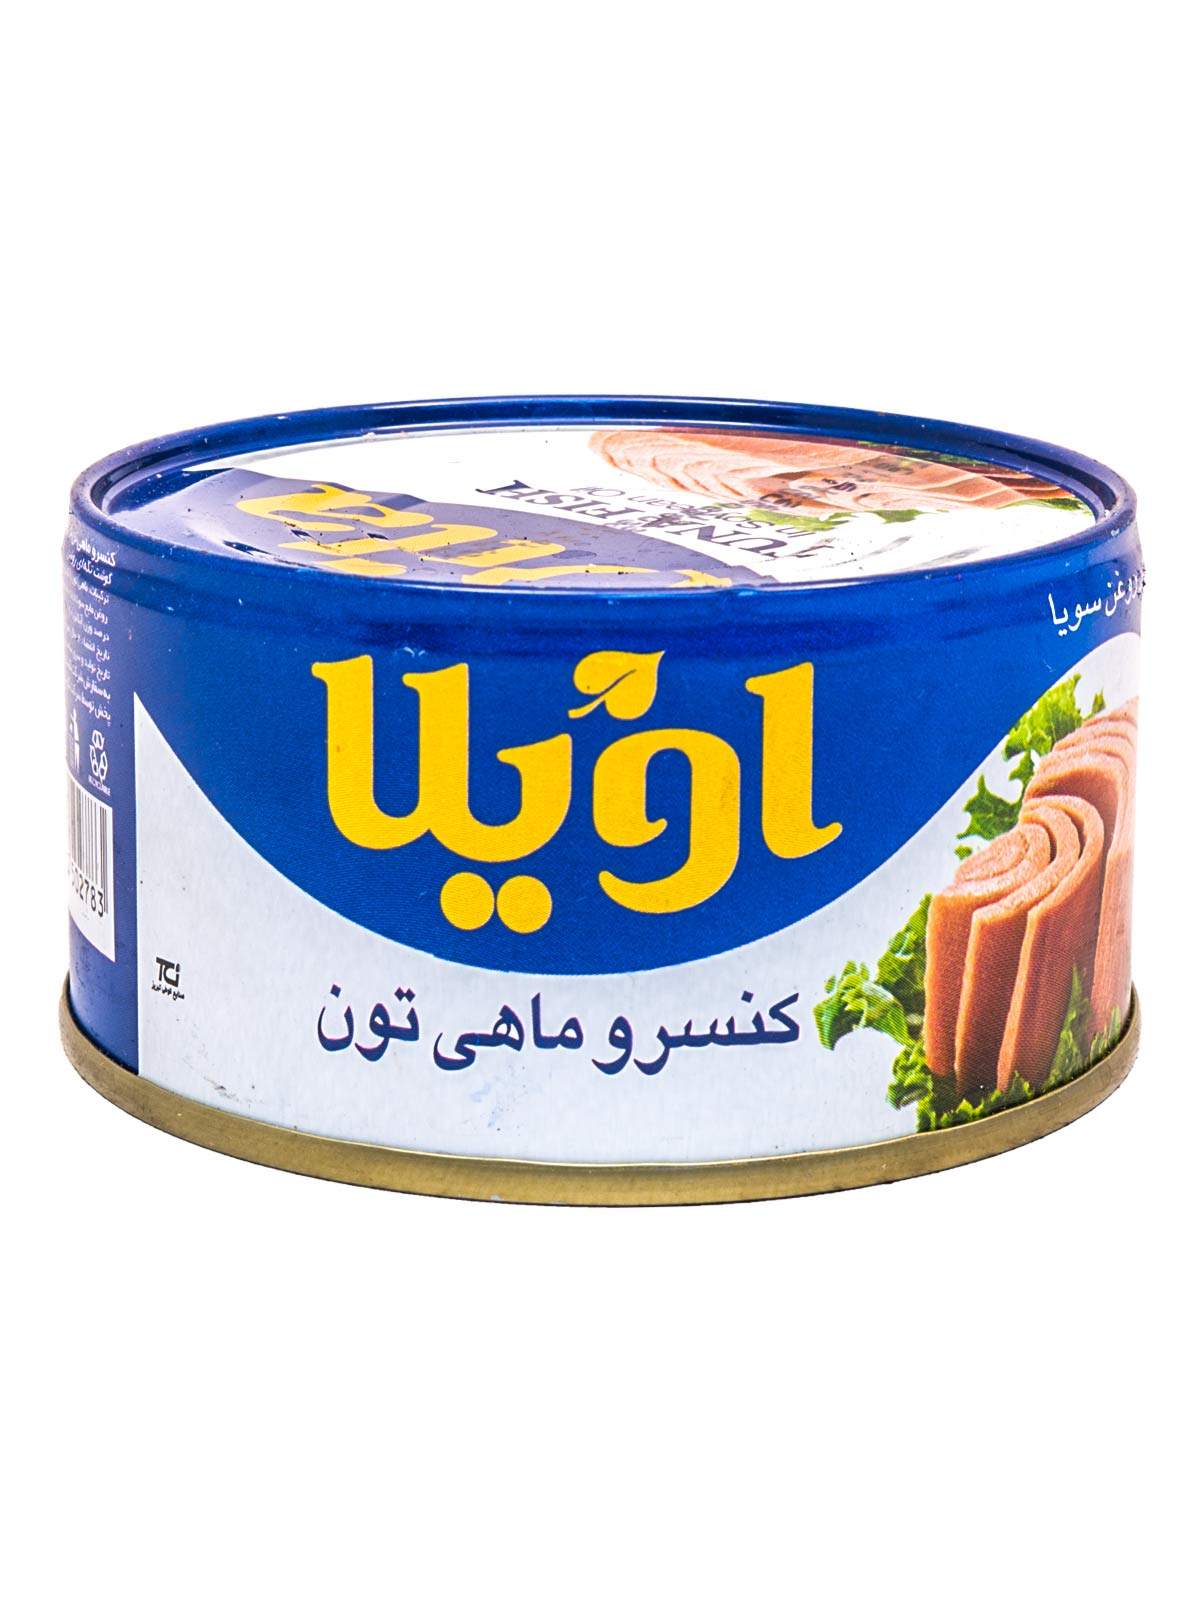 کنسرو تون ماهی اویلا در روغن سویا با درب آسان باز شو 180 گرم